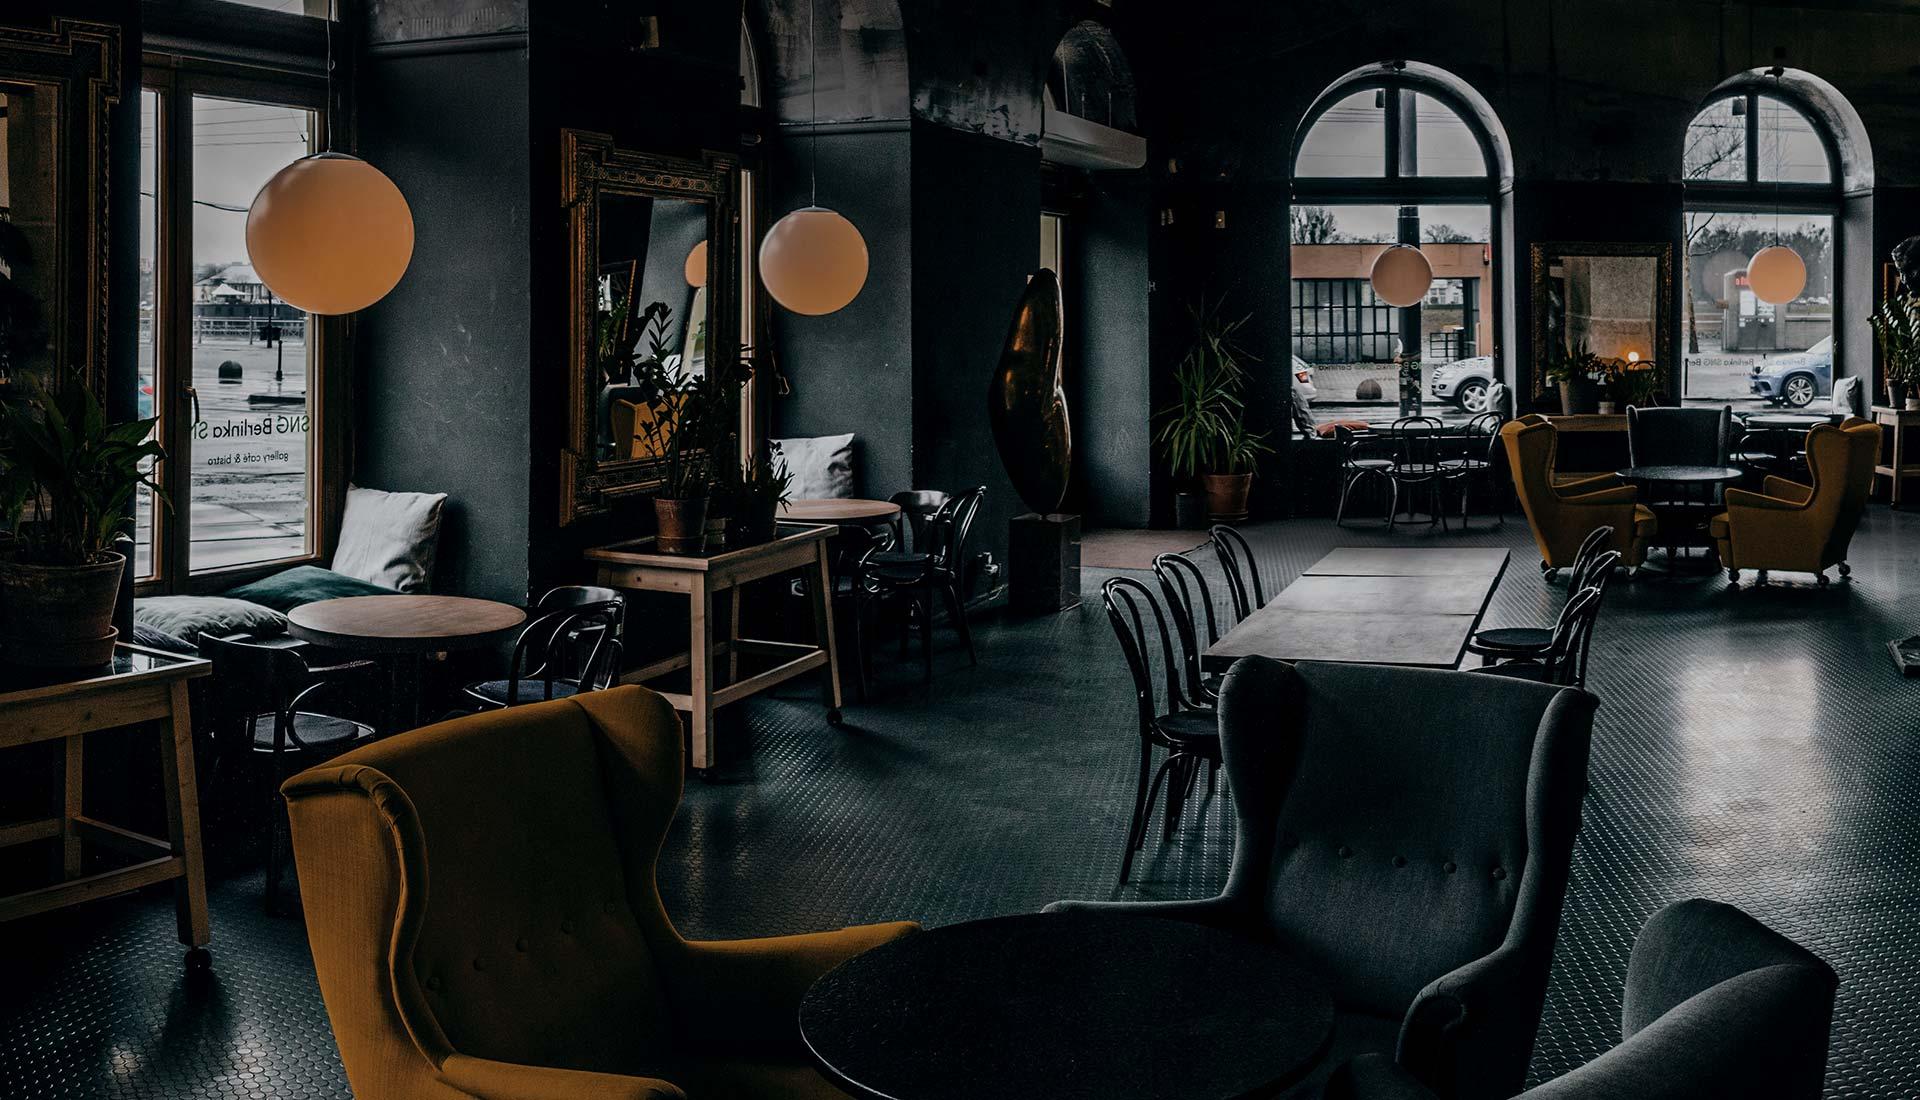 Βραβευμένα Εστιατόρια Χανιά- εστιατόριο αλμυβίτα